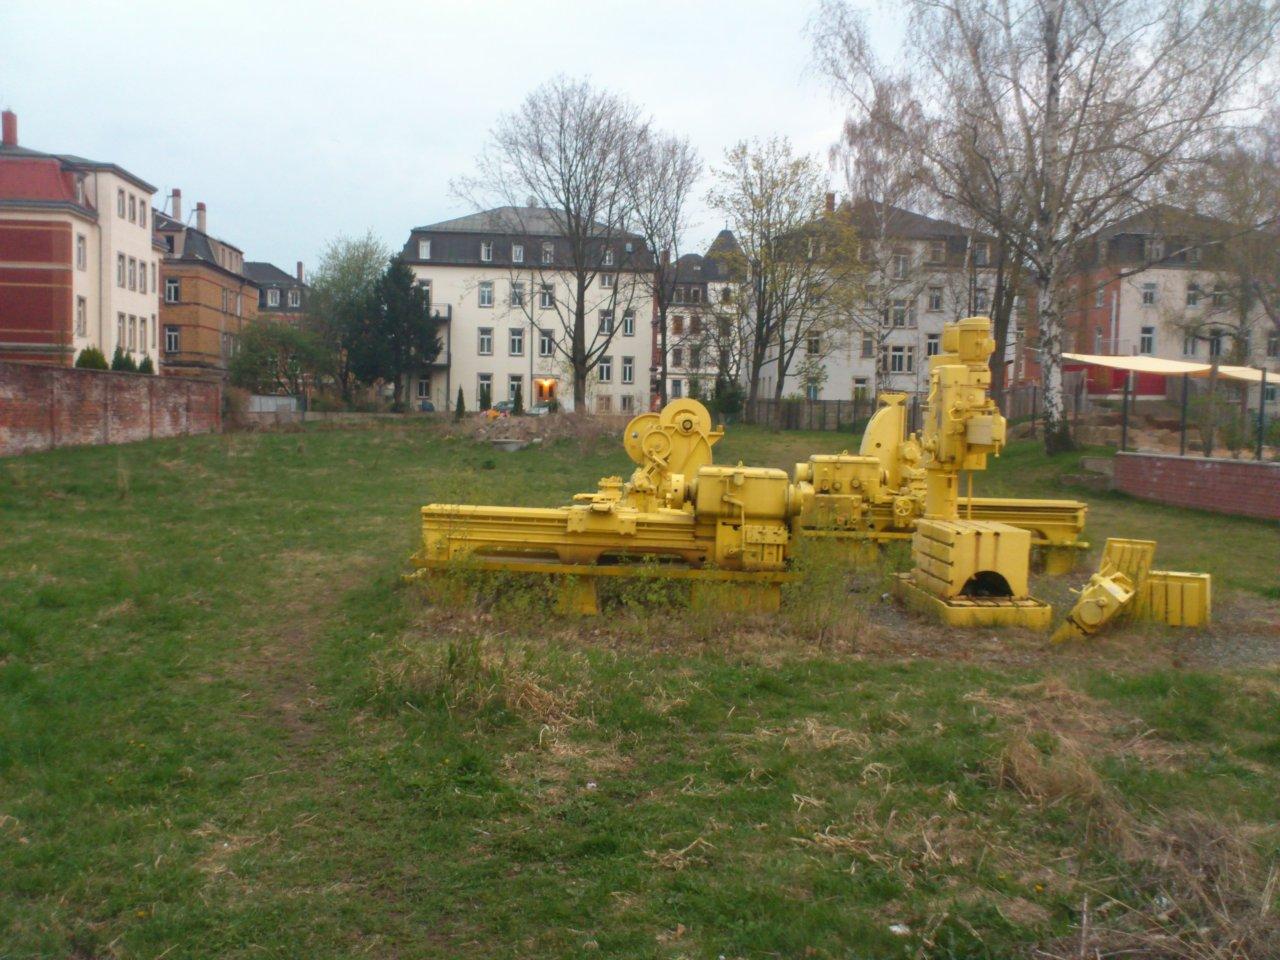 Löbtau bekommt einen neuen Park!